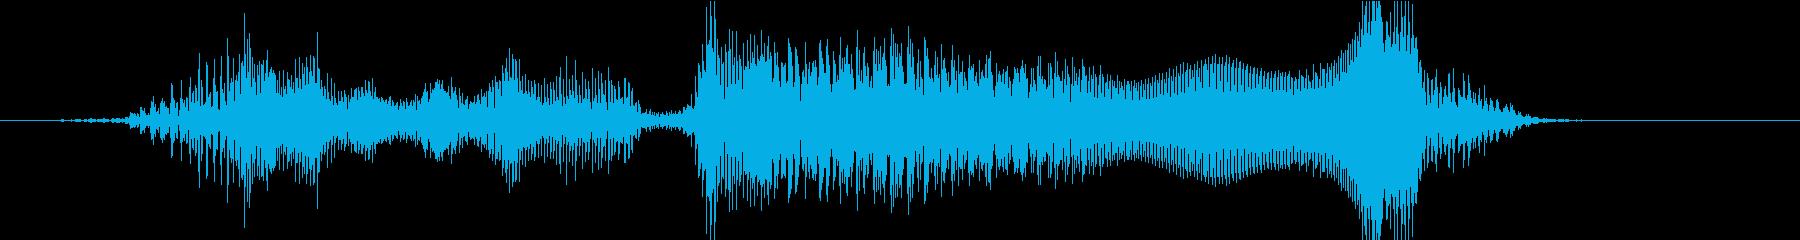 「大正解ーー!!」の再生済みの波形